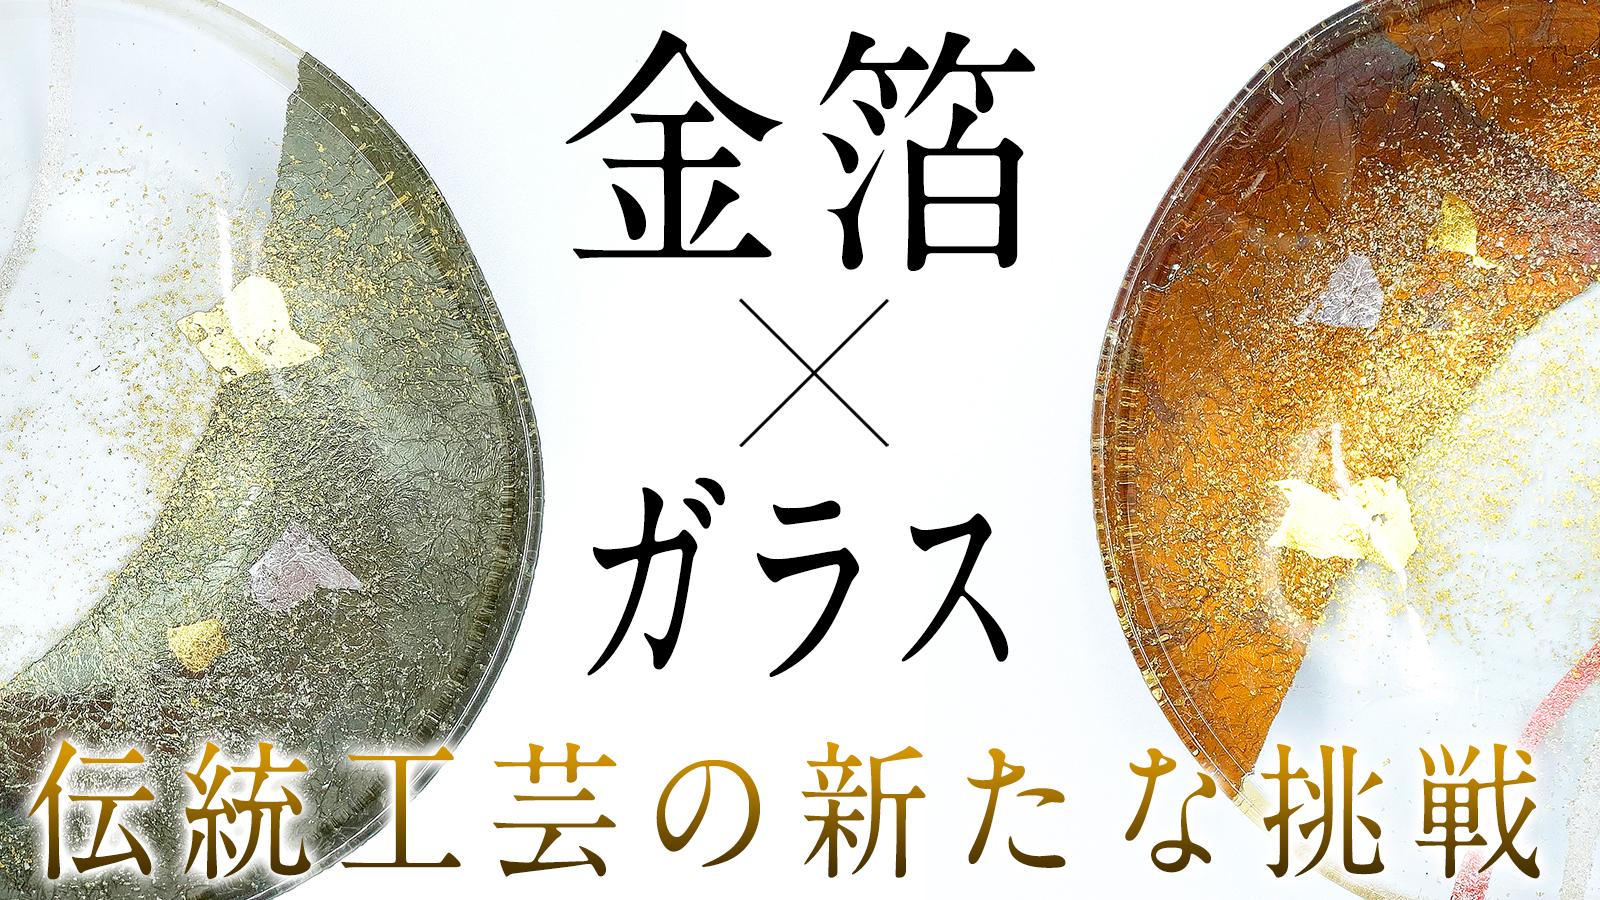 湯島アートはMakuakeに挑戦します